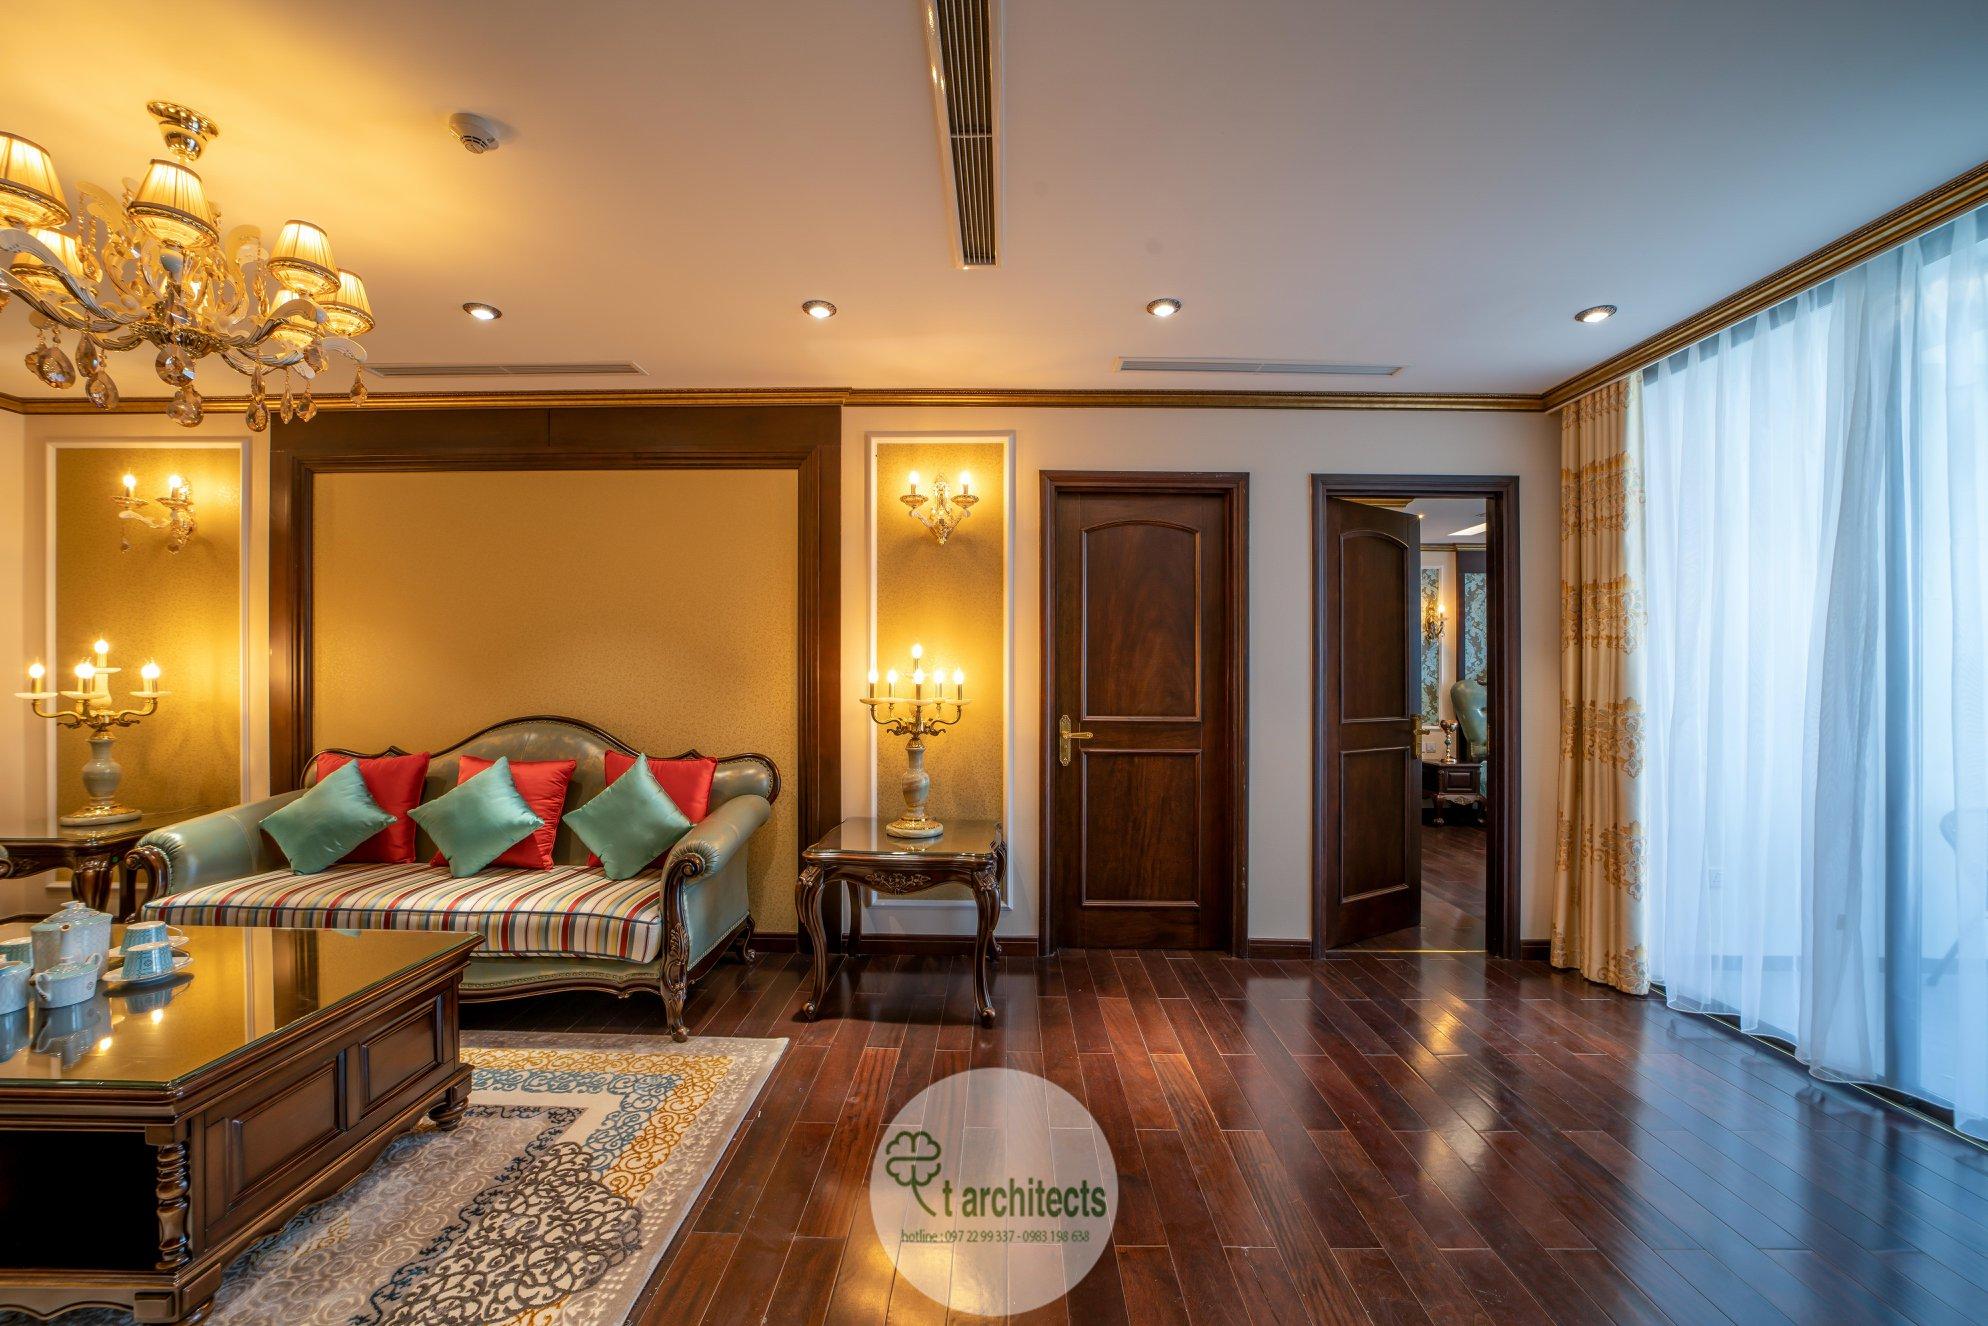 Thiết kế nội thất Chung Cư tại Hà Nội Thiết kế 6 căn hộ mẫu chung cư HC GOLDEN CITY 1589766600 23